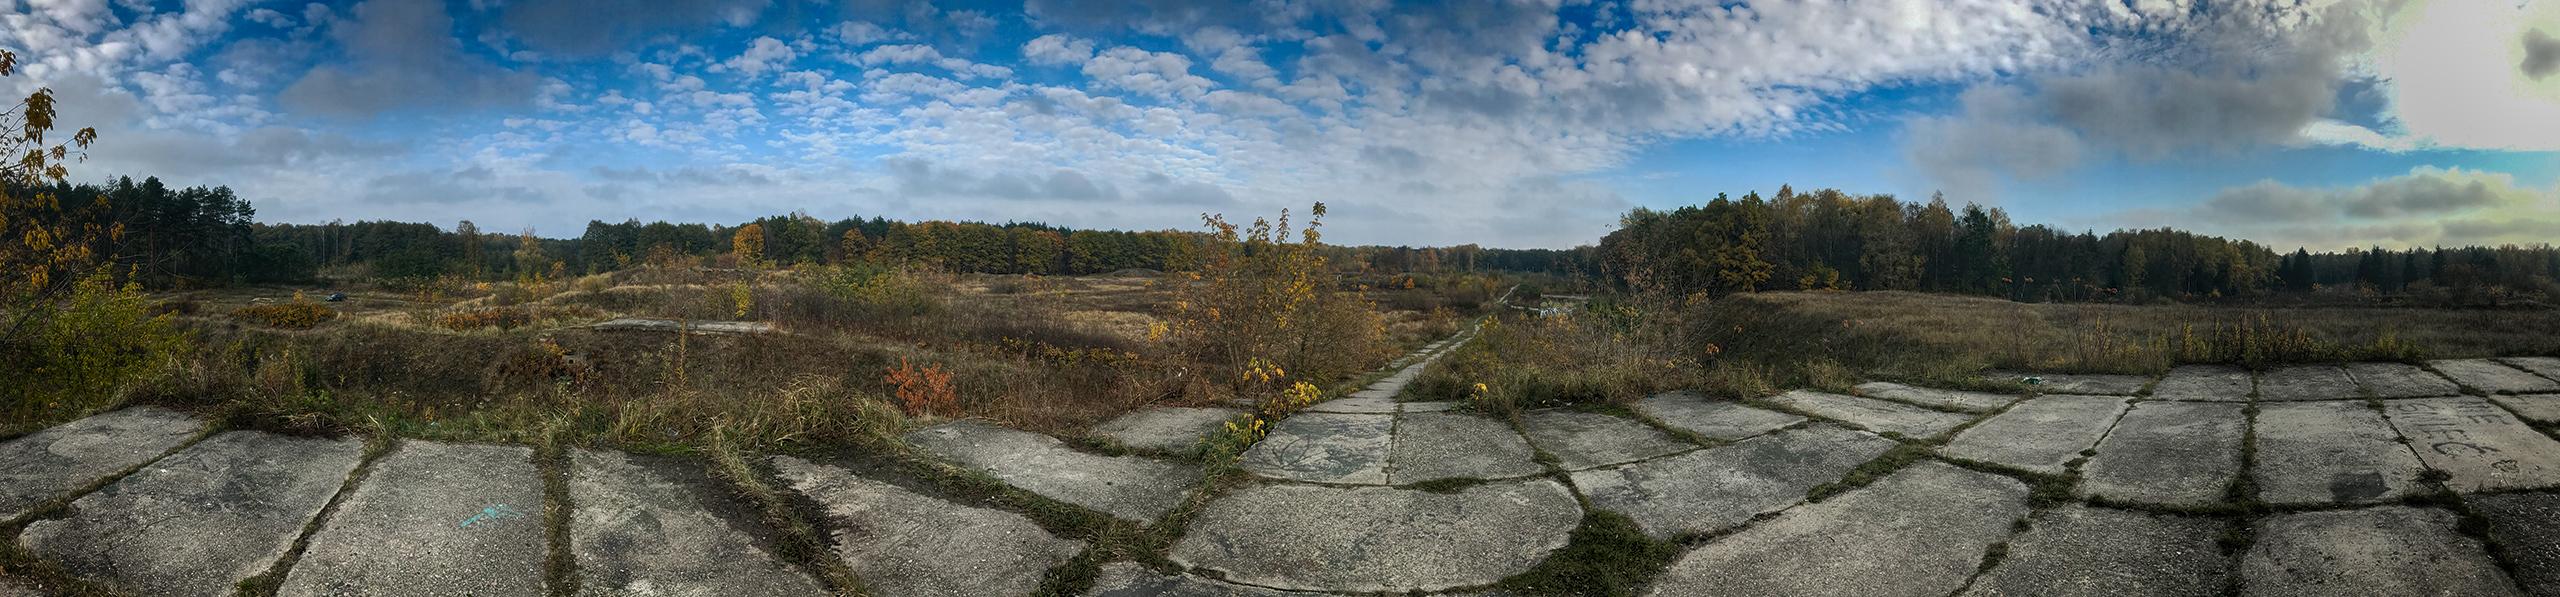 Poligon przy Łosiowych Błotach - panorama